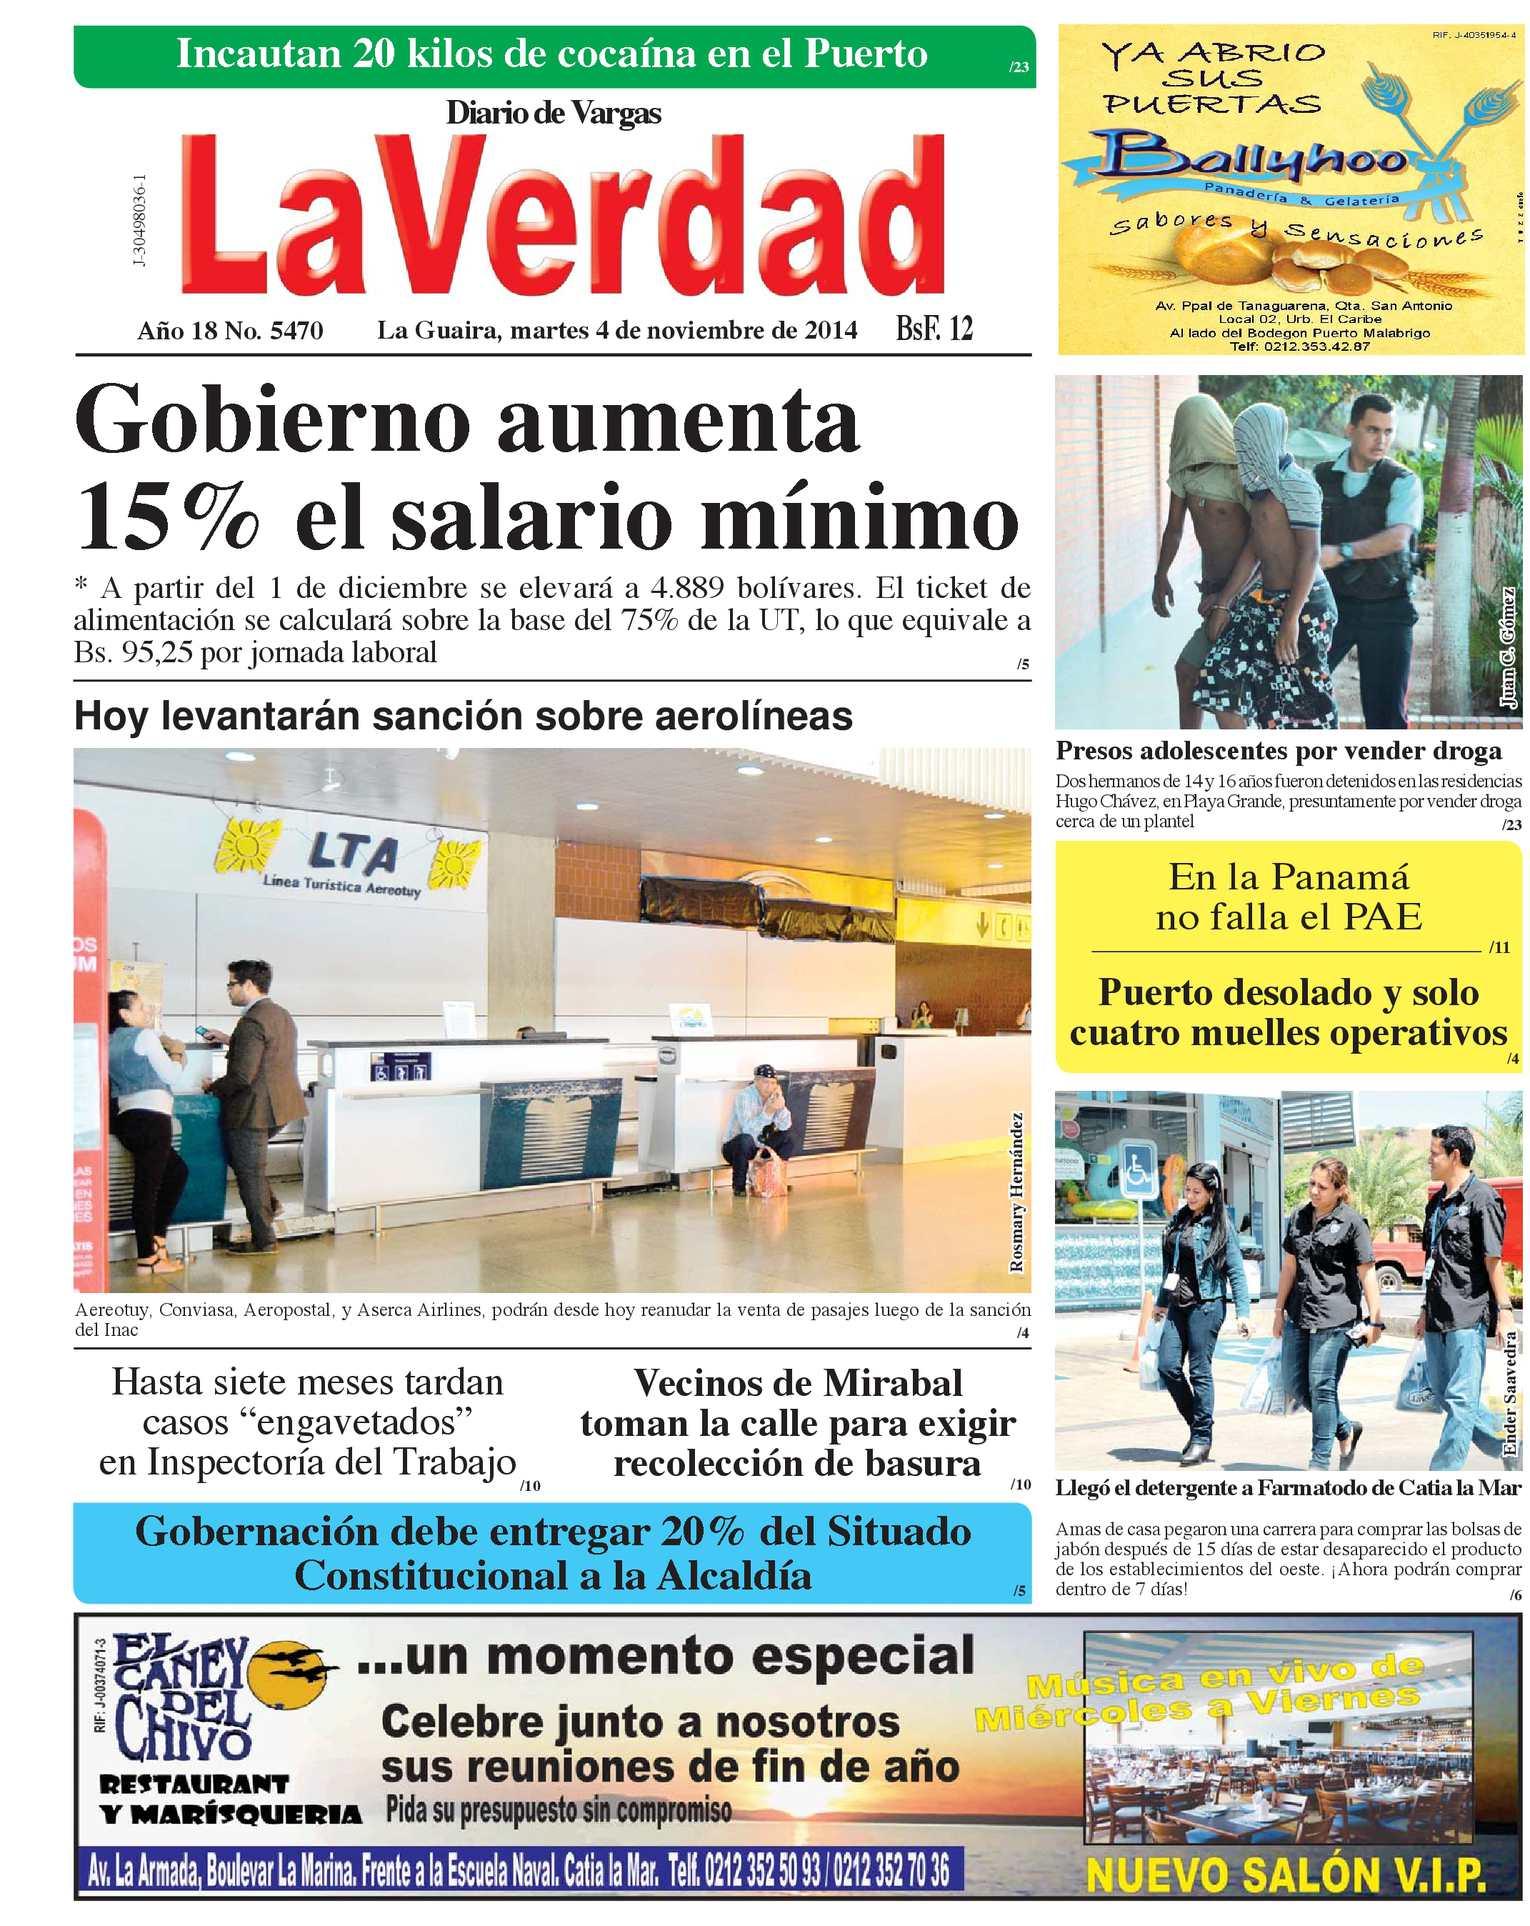 Calaméo - La Guaira, Martes 04 De Noviembre De 2014 Año 18 No 5470